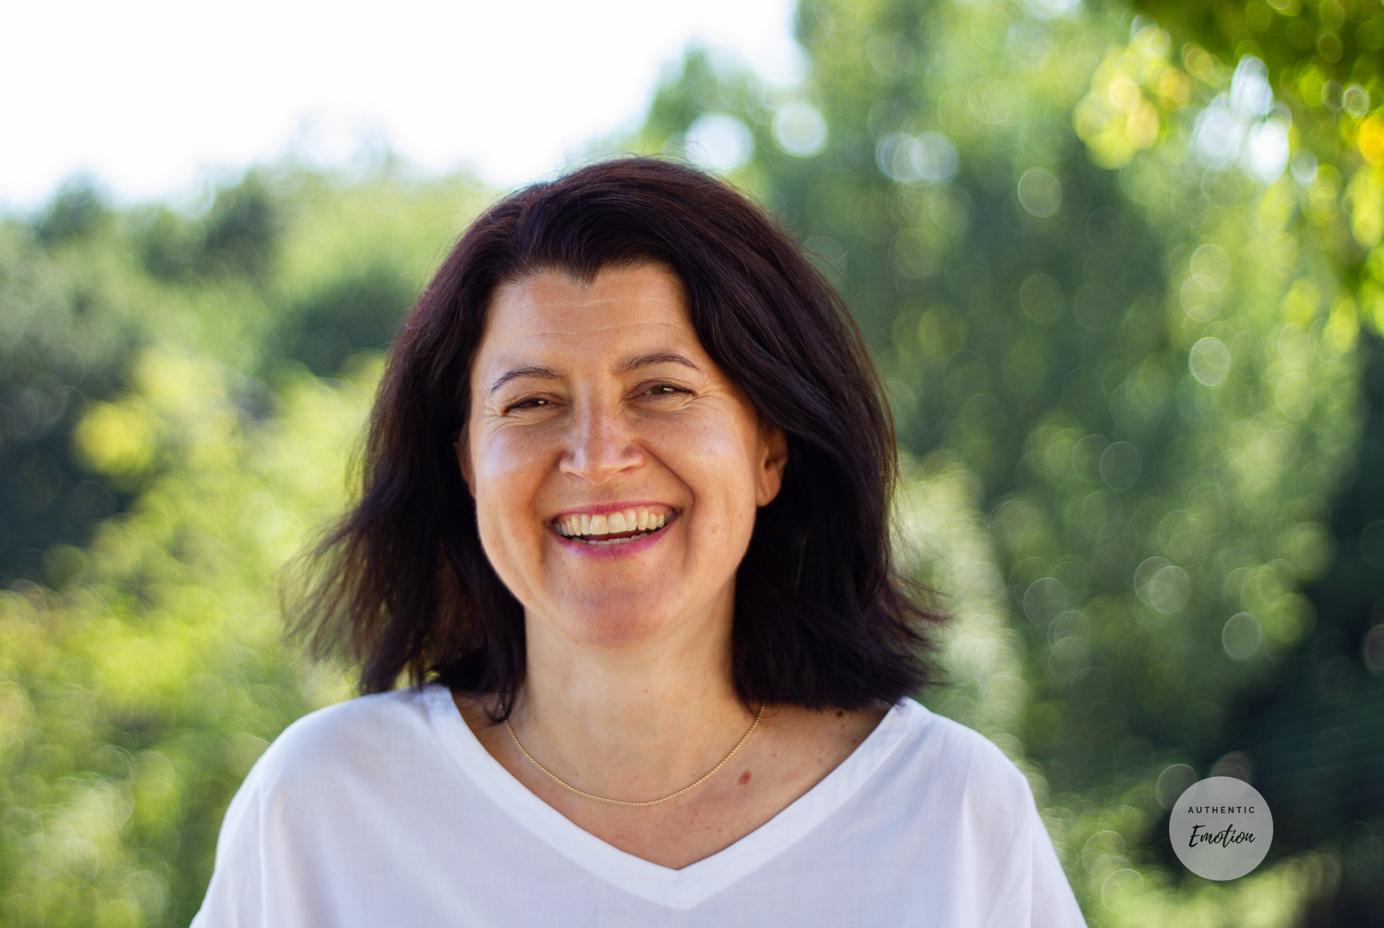 Valérie Kligerman